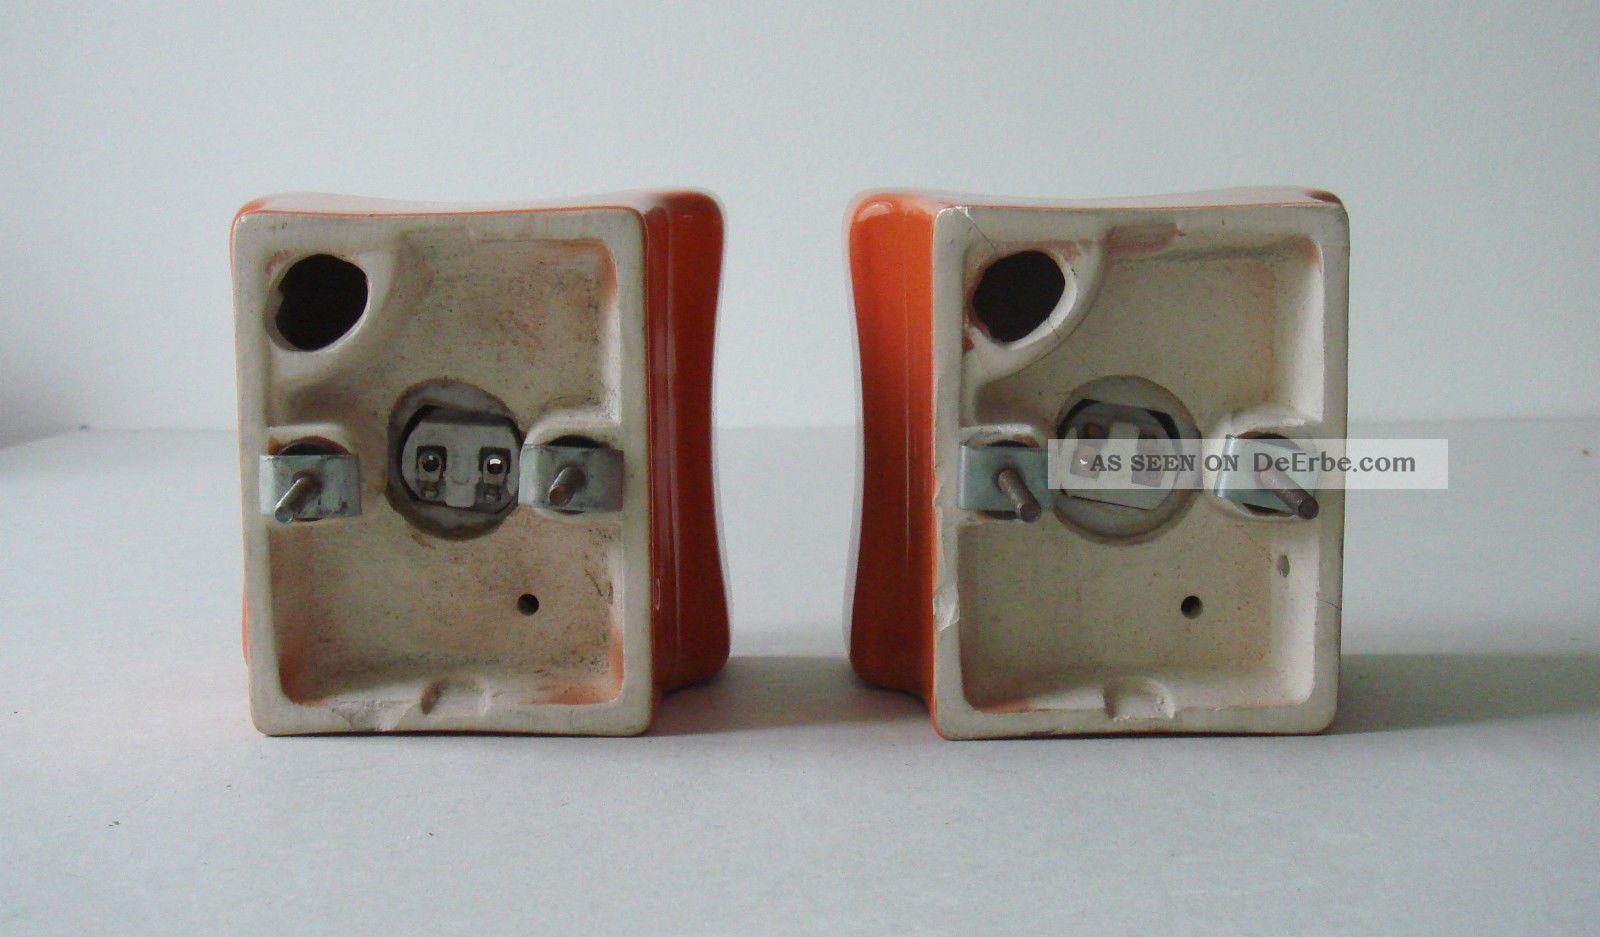 keramik wandlampe deckenlampe orange vintage design lampe 1960er 1970er ra. Black Bedroom Furniture Sets. Home Design Ideas